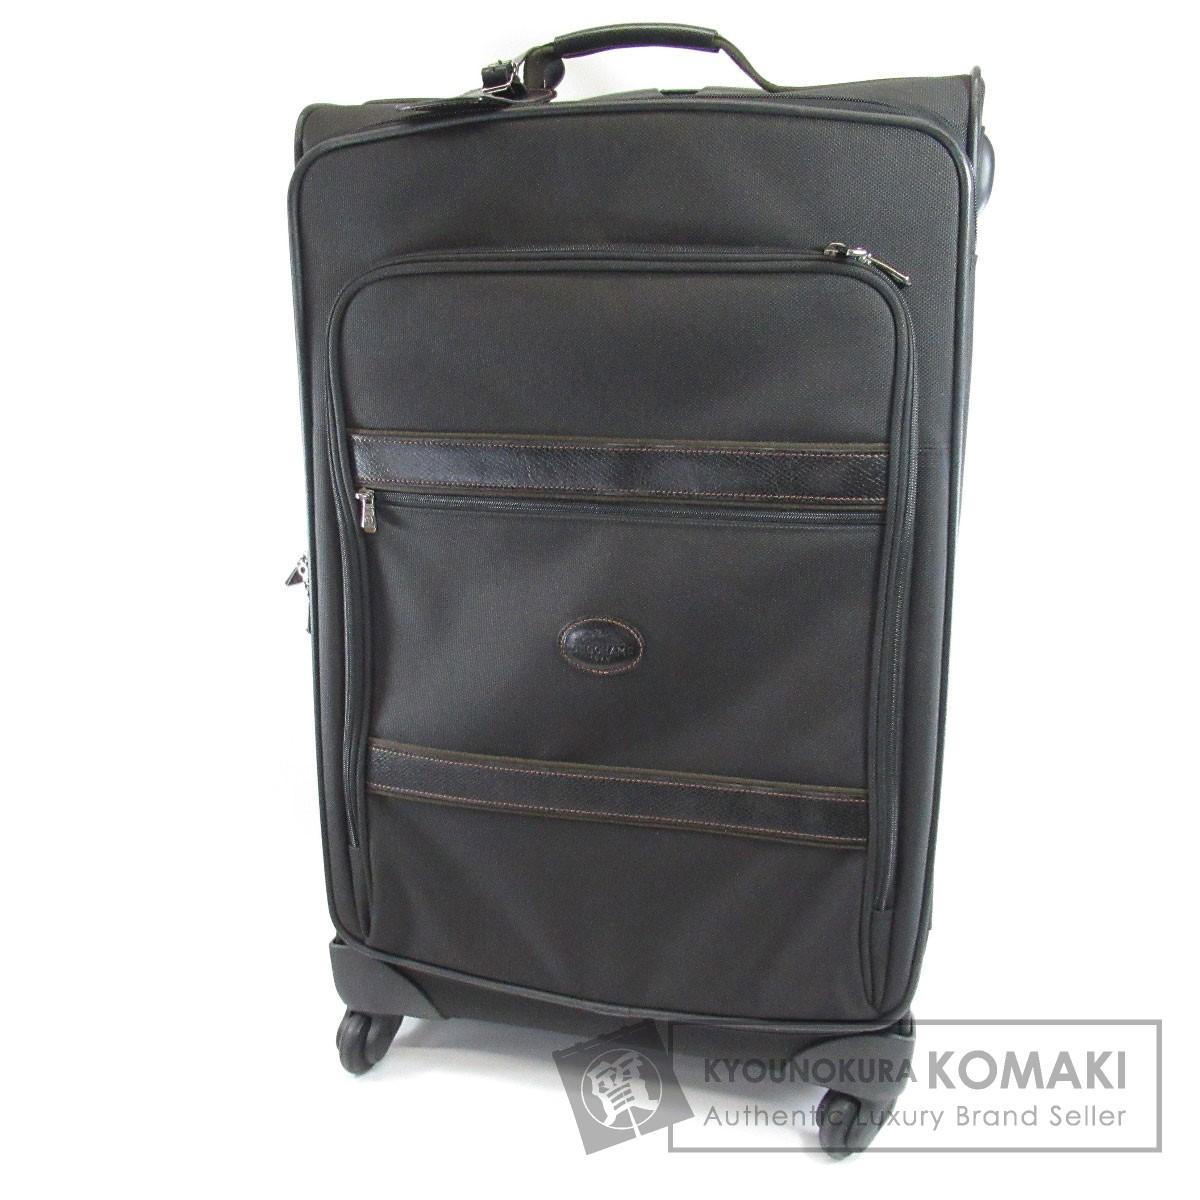 Longchamp ロゴモチーフ キャリーバッグ キャンバス レディース 【中古】【ロンシャン】